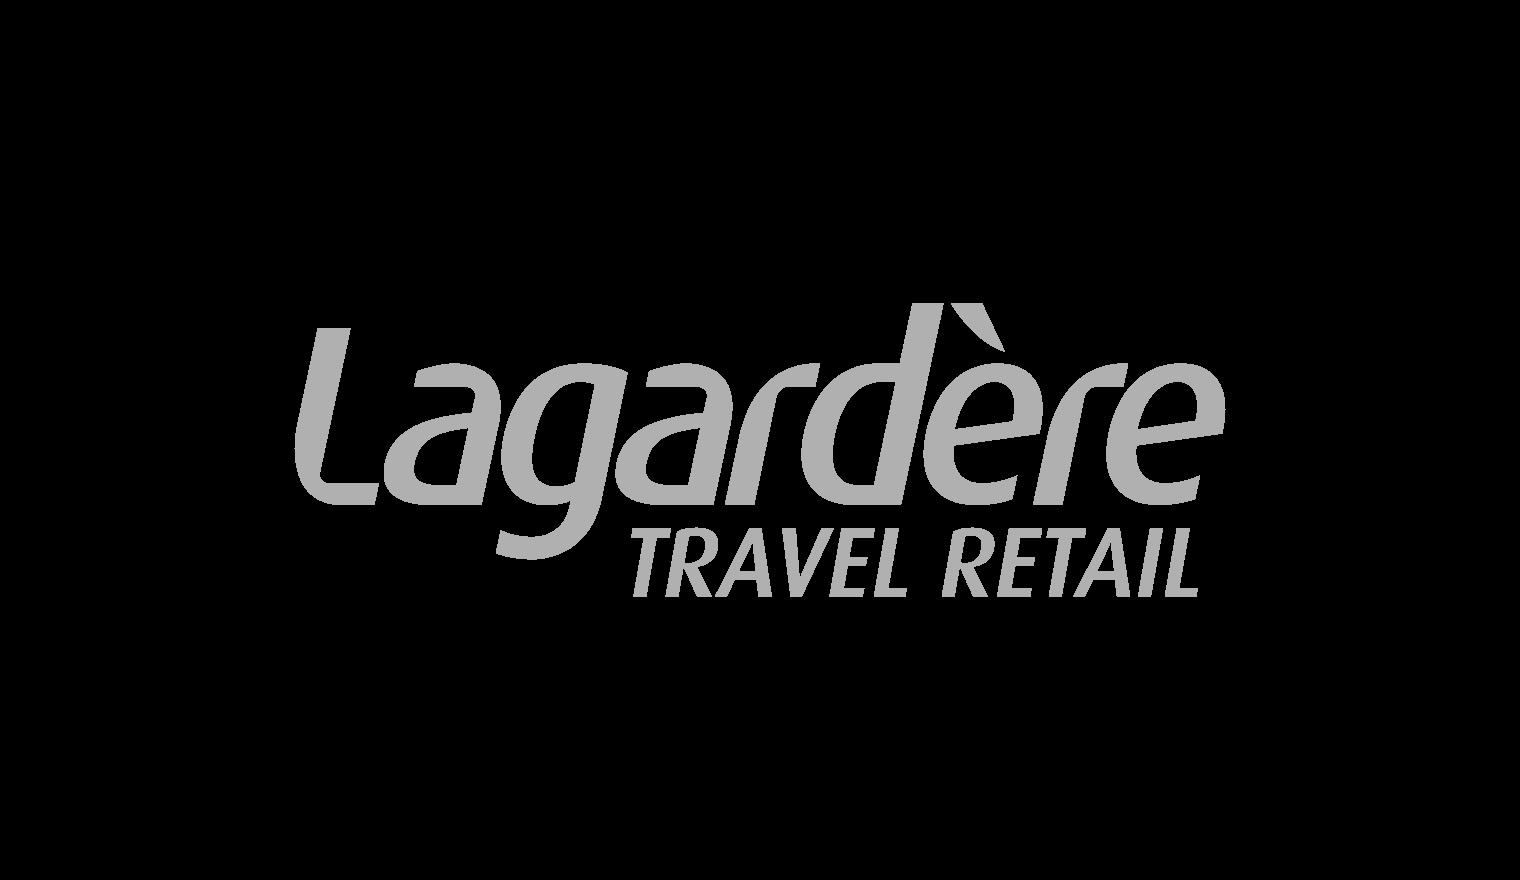 Questo Lagardere Retail klant